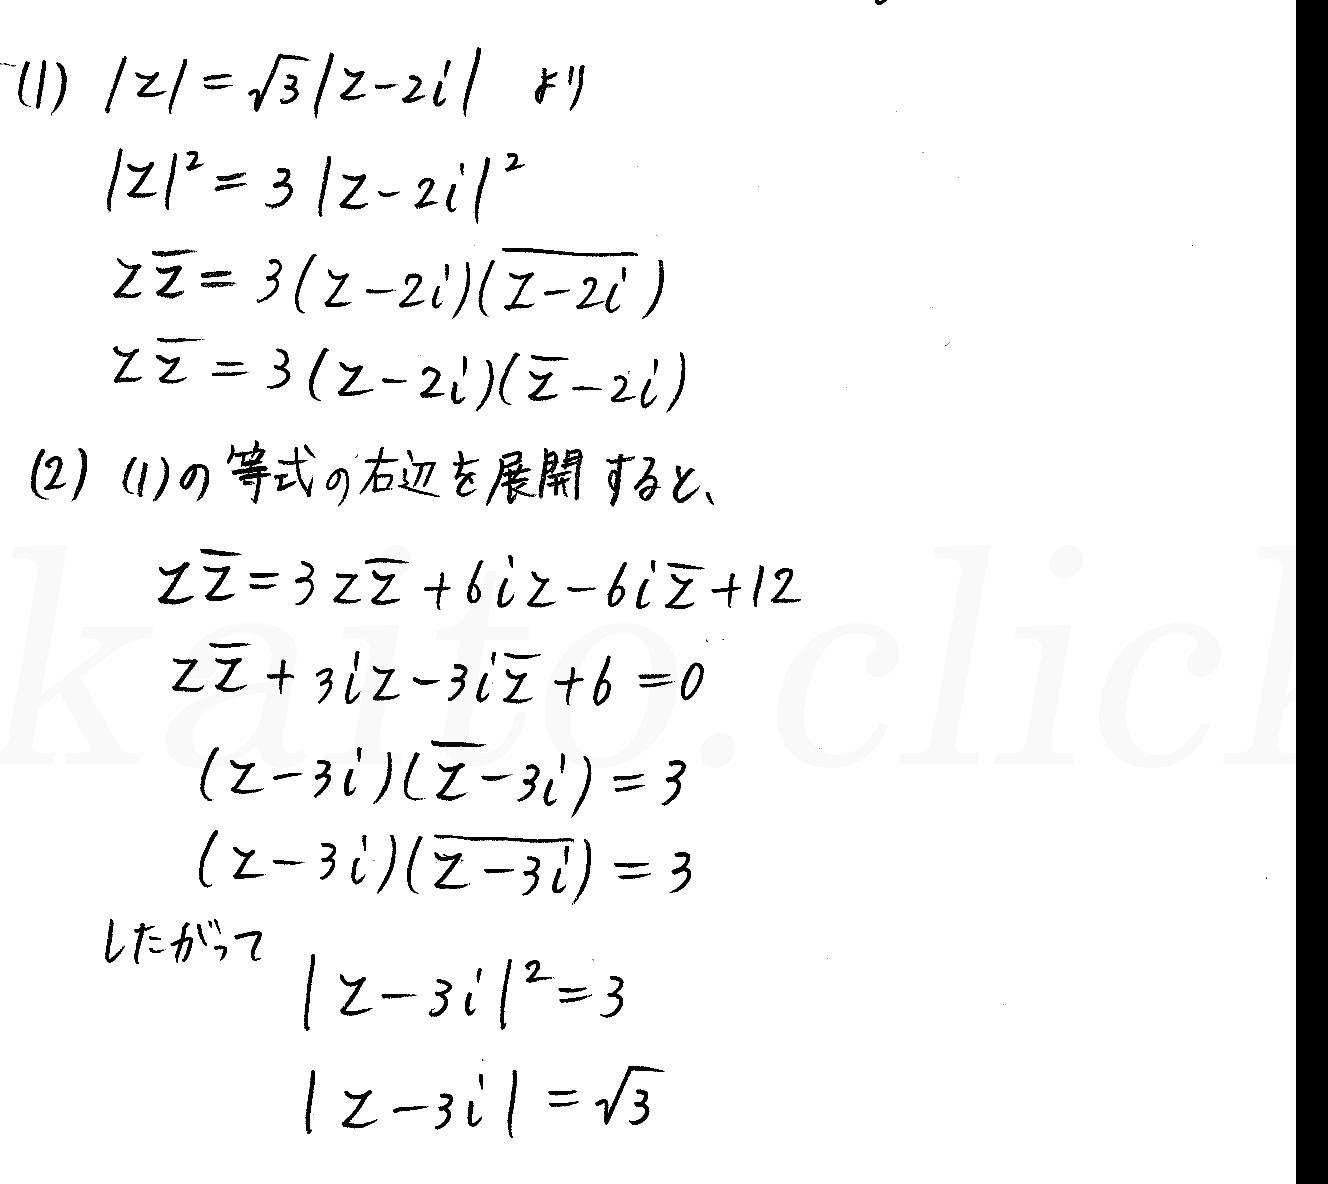 クリアー数学3-15解答